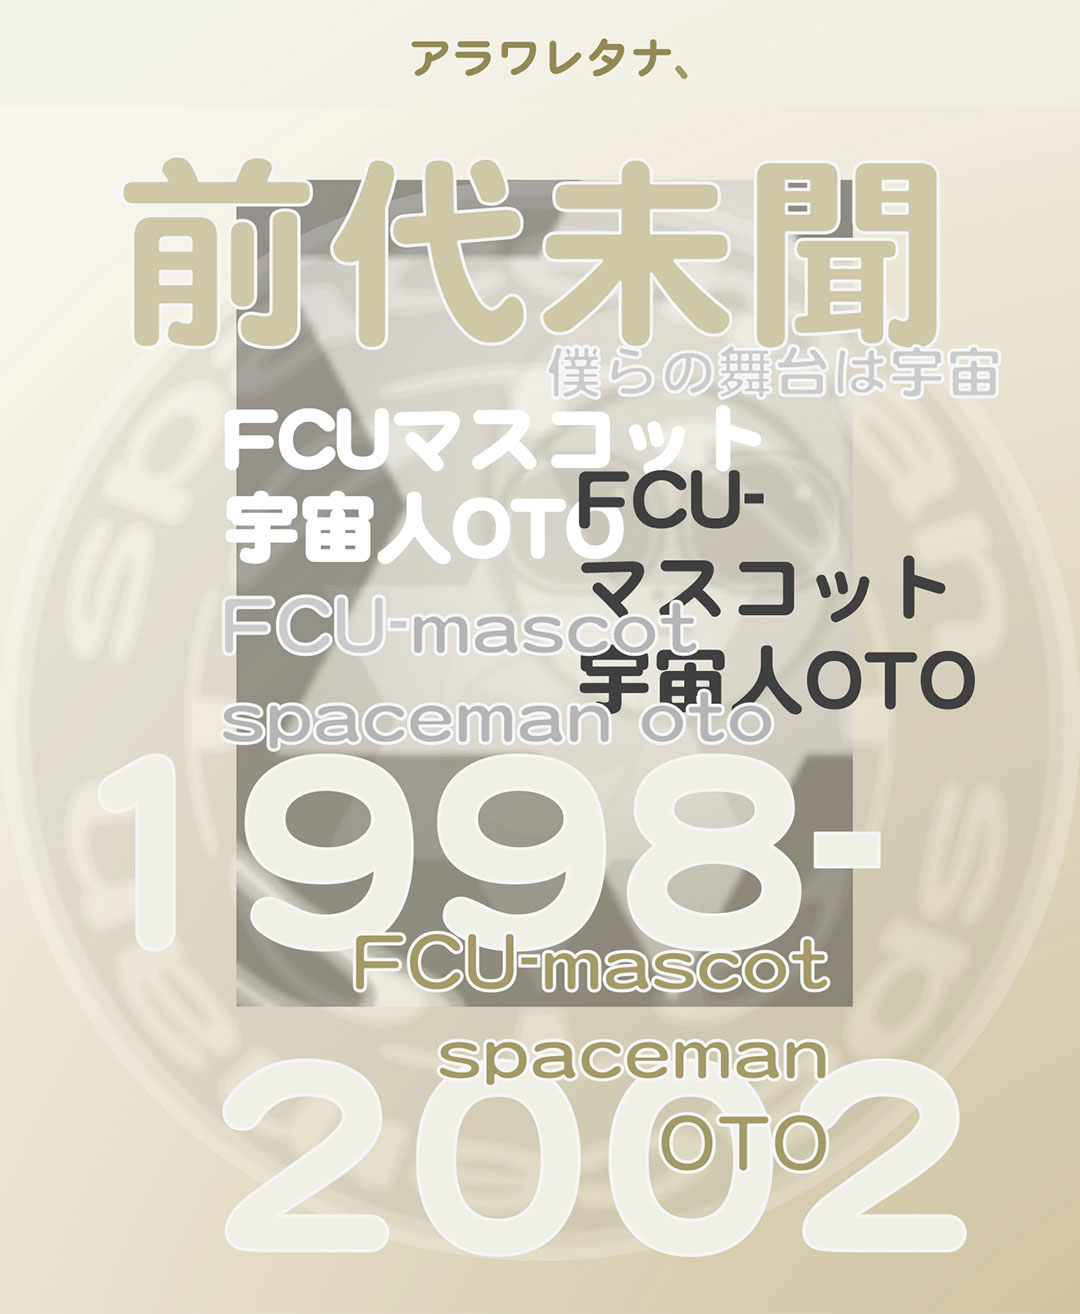 アラワレタナ、FCUマスコット宇宙人OTO|前代未聞|1998-2002